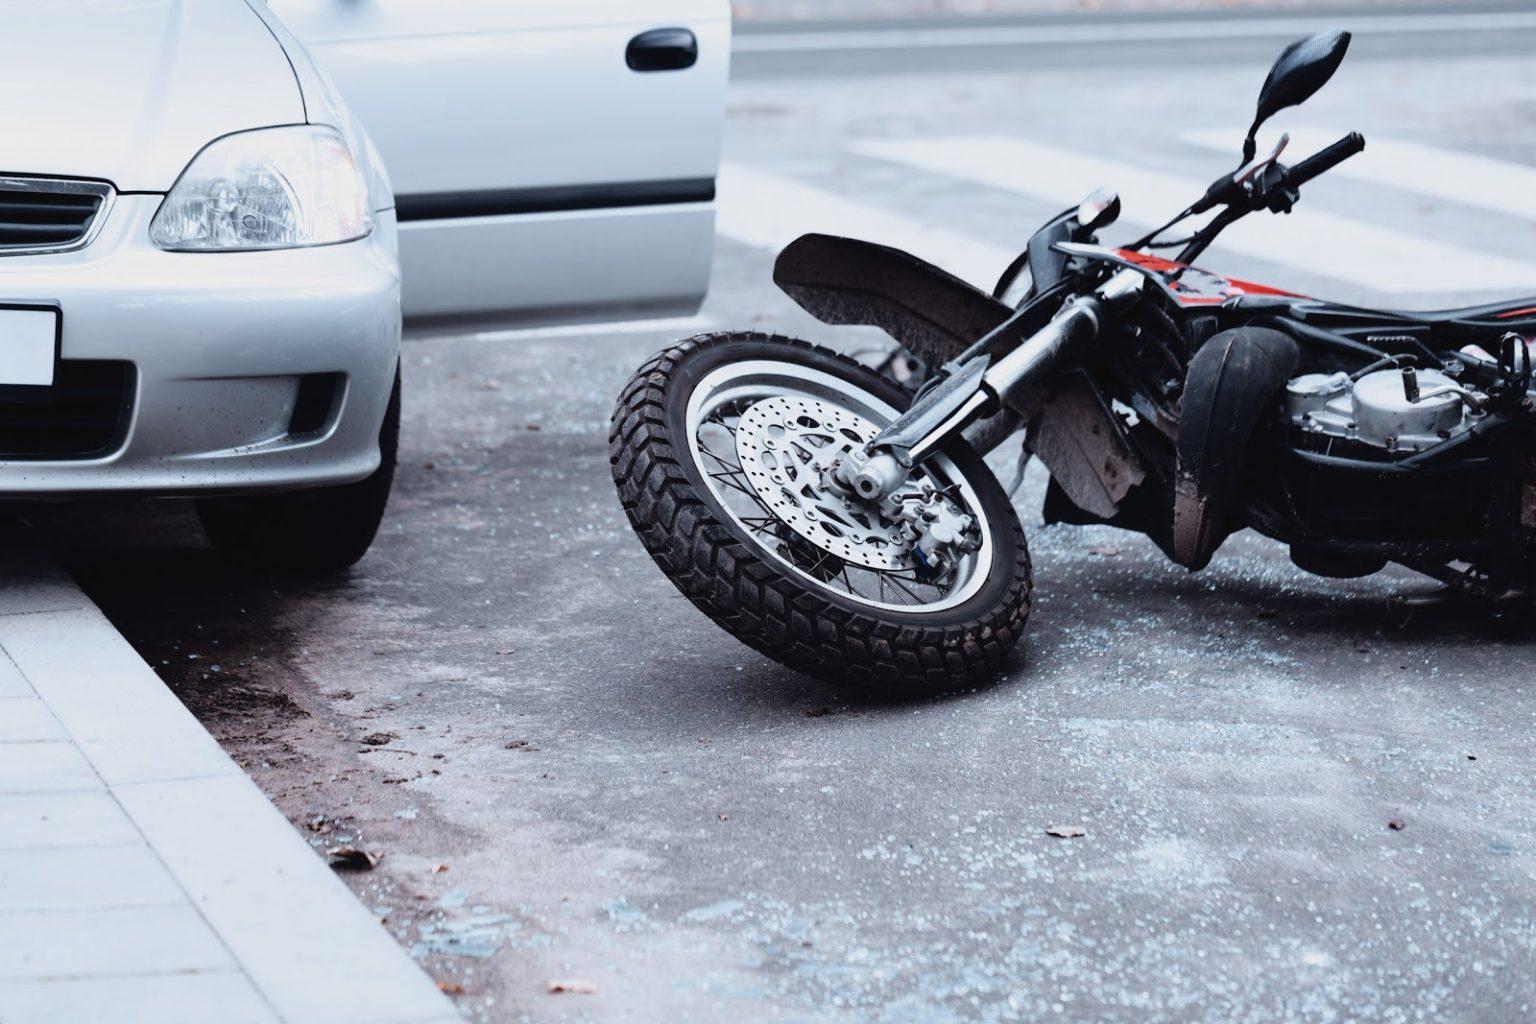 Mitchell proner es un abogado de lesiones personales en nueva york experto en accidentes de moto. Abogado de Accidentes de Motocicleta en Chicago | Paul y Steve